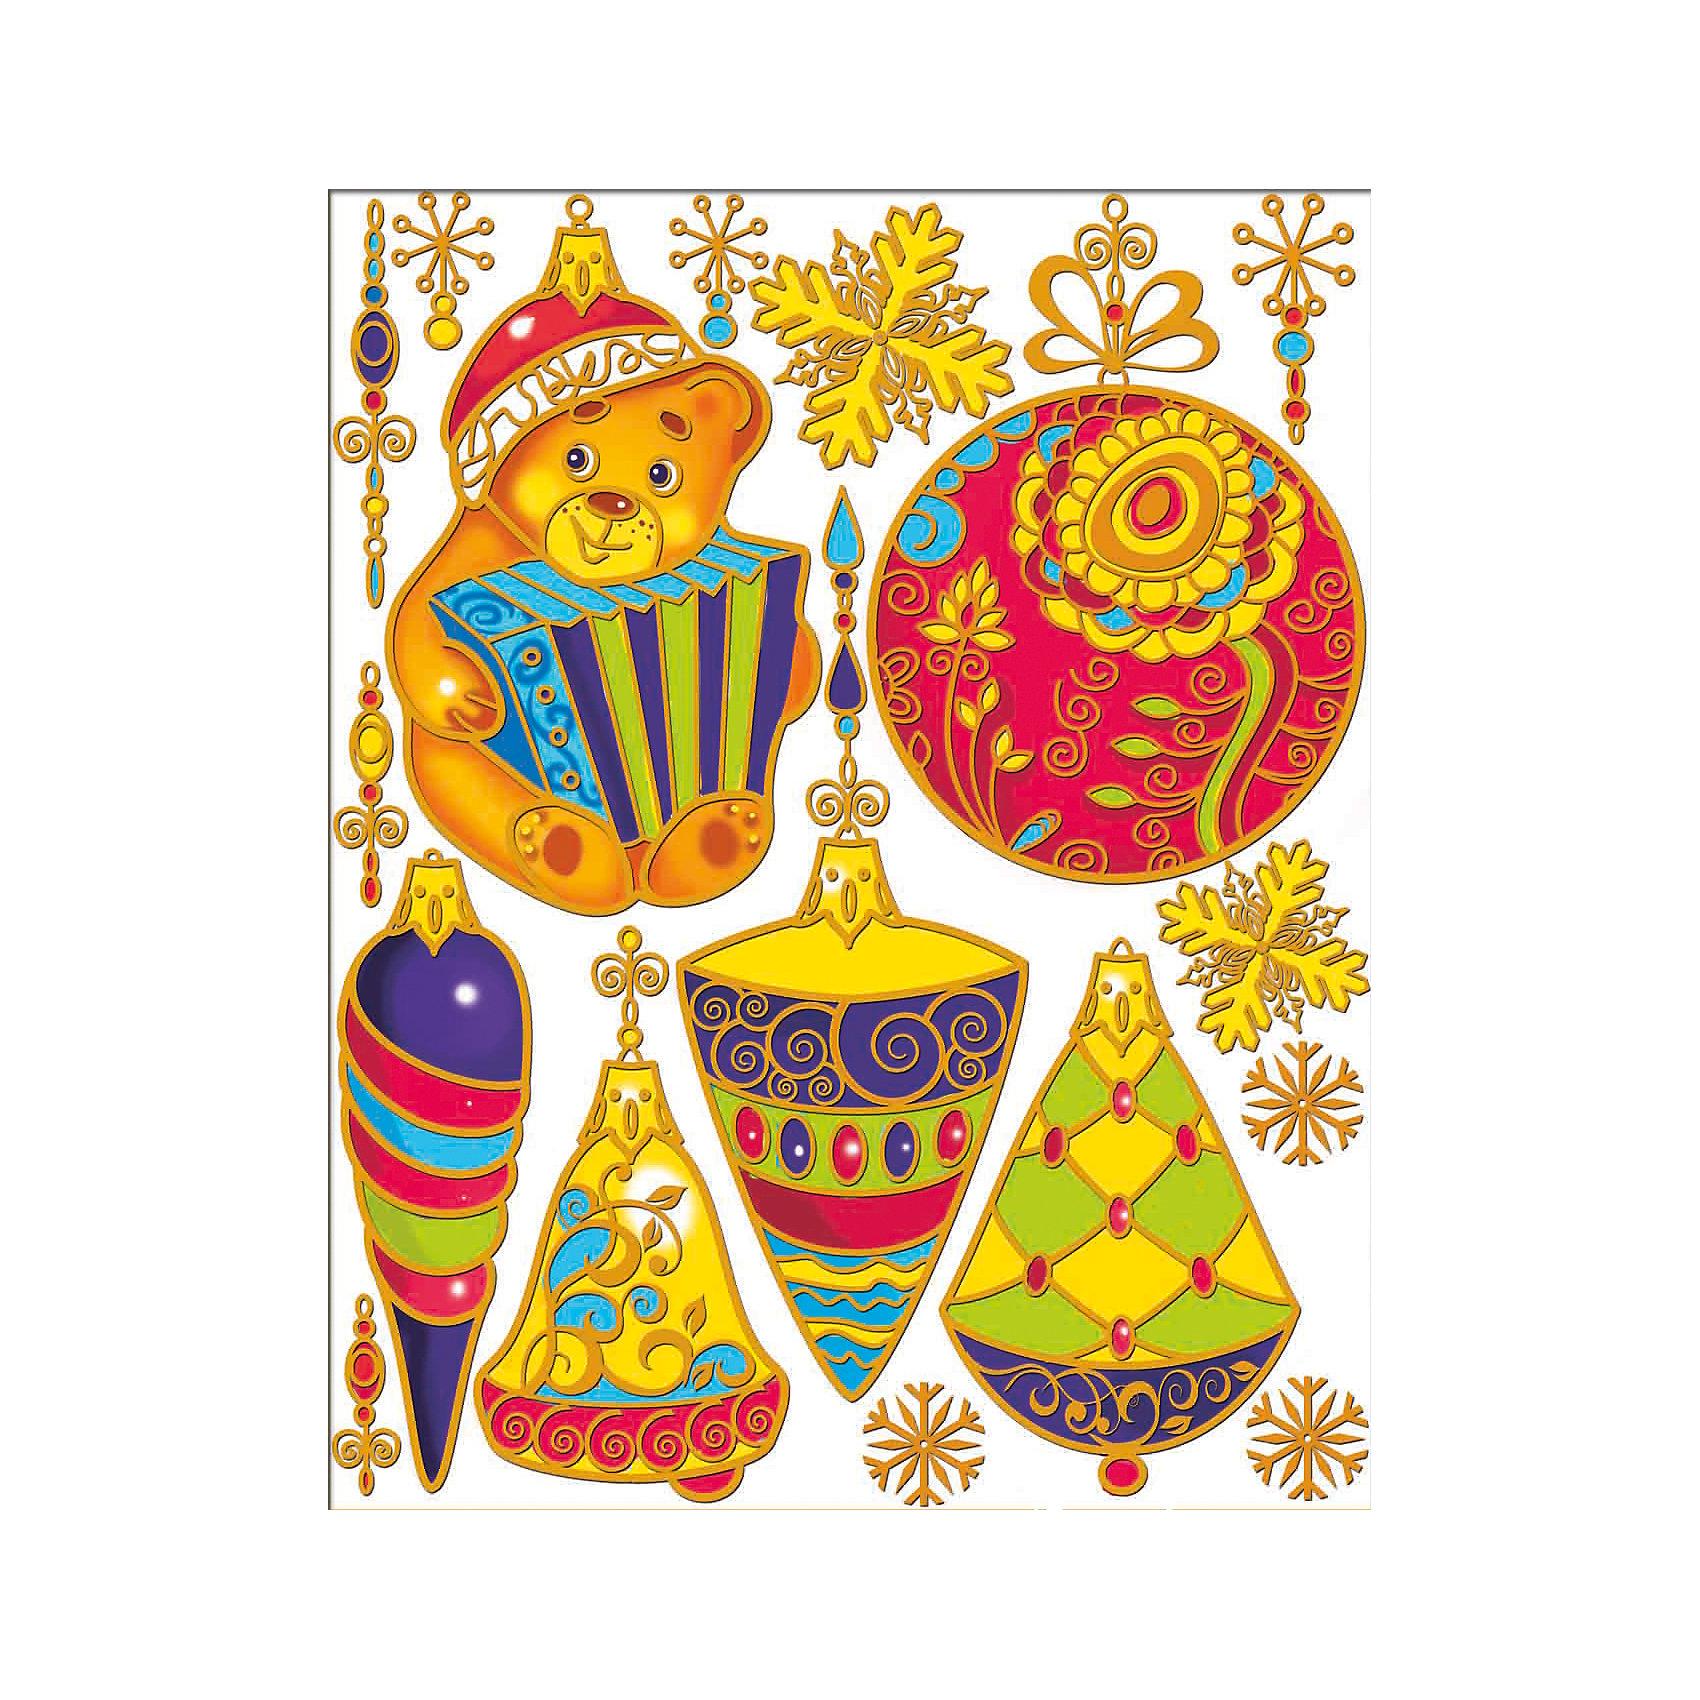 Наклейки на окно Елочные игрушки 30*38 смНовинки Новый Год<br>Украшение на окно Елочные игрушки, Феникс-презент, замечательно украсит Ваш интерьер и создаст праздничное новогоднее настроение. В комплекте несколько красочных наклеек с изображениями нарядных елочных игрушек и красивых снежинок. Рисунки декорировано глиттером и золотистыми блестками. Прочно крепятся к стеклу с помощью прозрачной клейкой пленки, на которую нанесены рисунки.<br><br><br>Дополнительная информация:<br><br>- Материал: ПВХ пленка.<br>- Размер листа с наклейками: 30 х 38 см.<br>- Размер наибольшей наклейки: 13 х 19,5 см.<br>- Размер наименьшей наклейки: 2,5 х 4 см. <br>- Вес: 73 гр. <br><br>Украшение на окно Елочные игрушки, Феникс-презент, можно купить в нашем интернет-магазине.<br><br>Ширина мм: 5<br>Глубина мм: 380<br>Высота мм: 300<br>Вес г: 73<br>Возраст от месяцев: 36<br>Возраст до месяцев: 2147483647<br>Пол: Унисекс<br>Возраст: Детский<br>SKU: 4274669